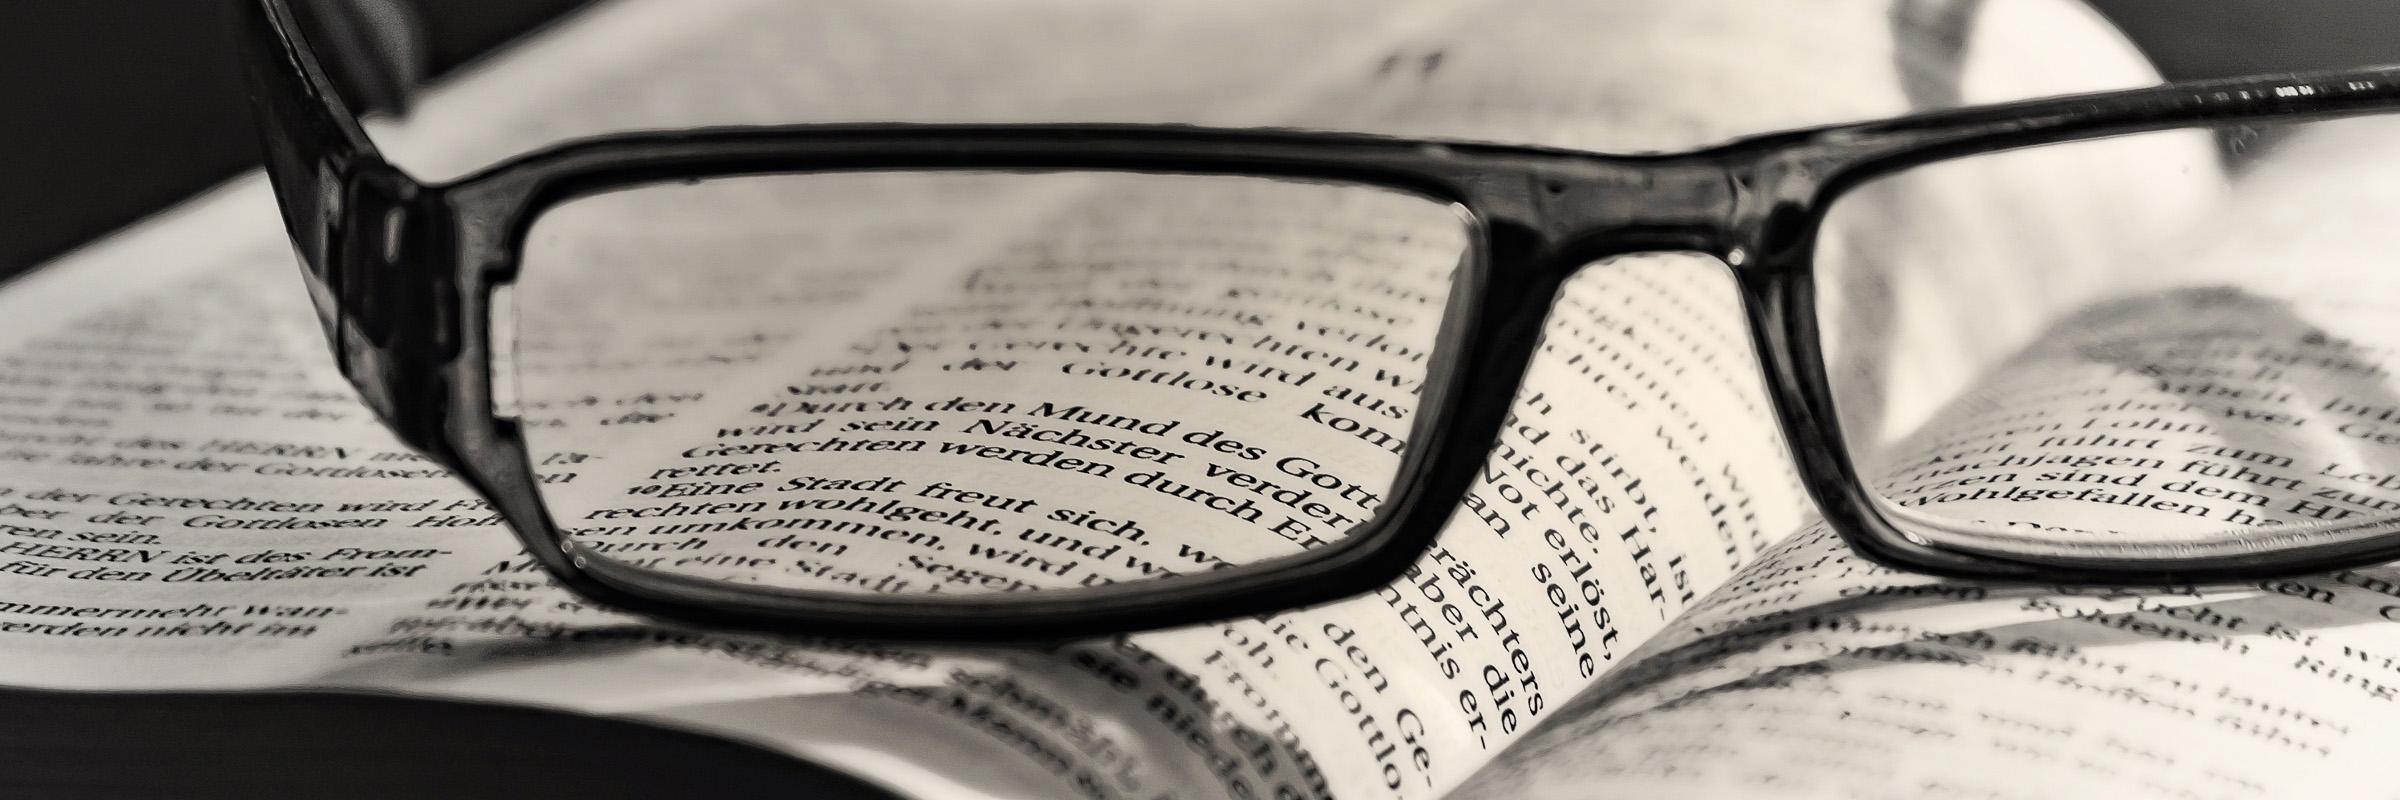 Bibelmorgen der Reformierten Kirche mittleres Fricktal